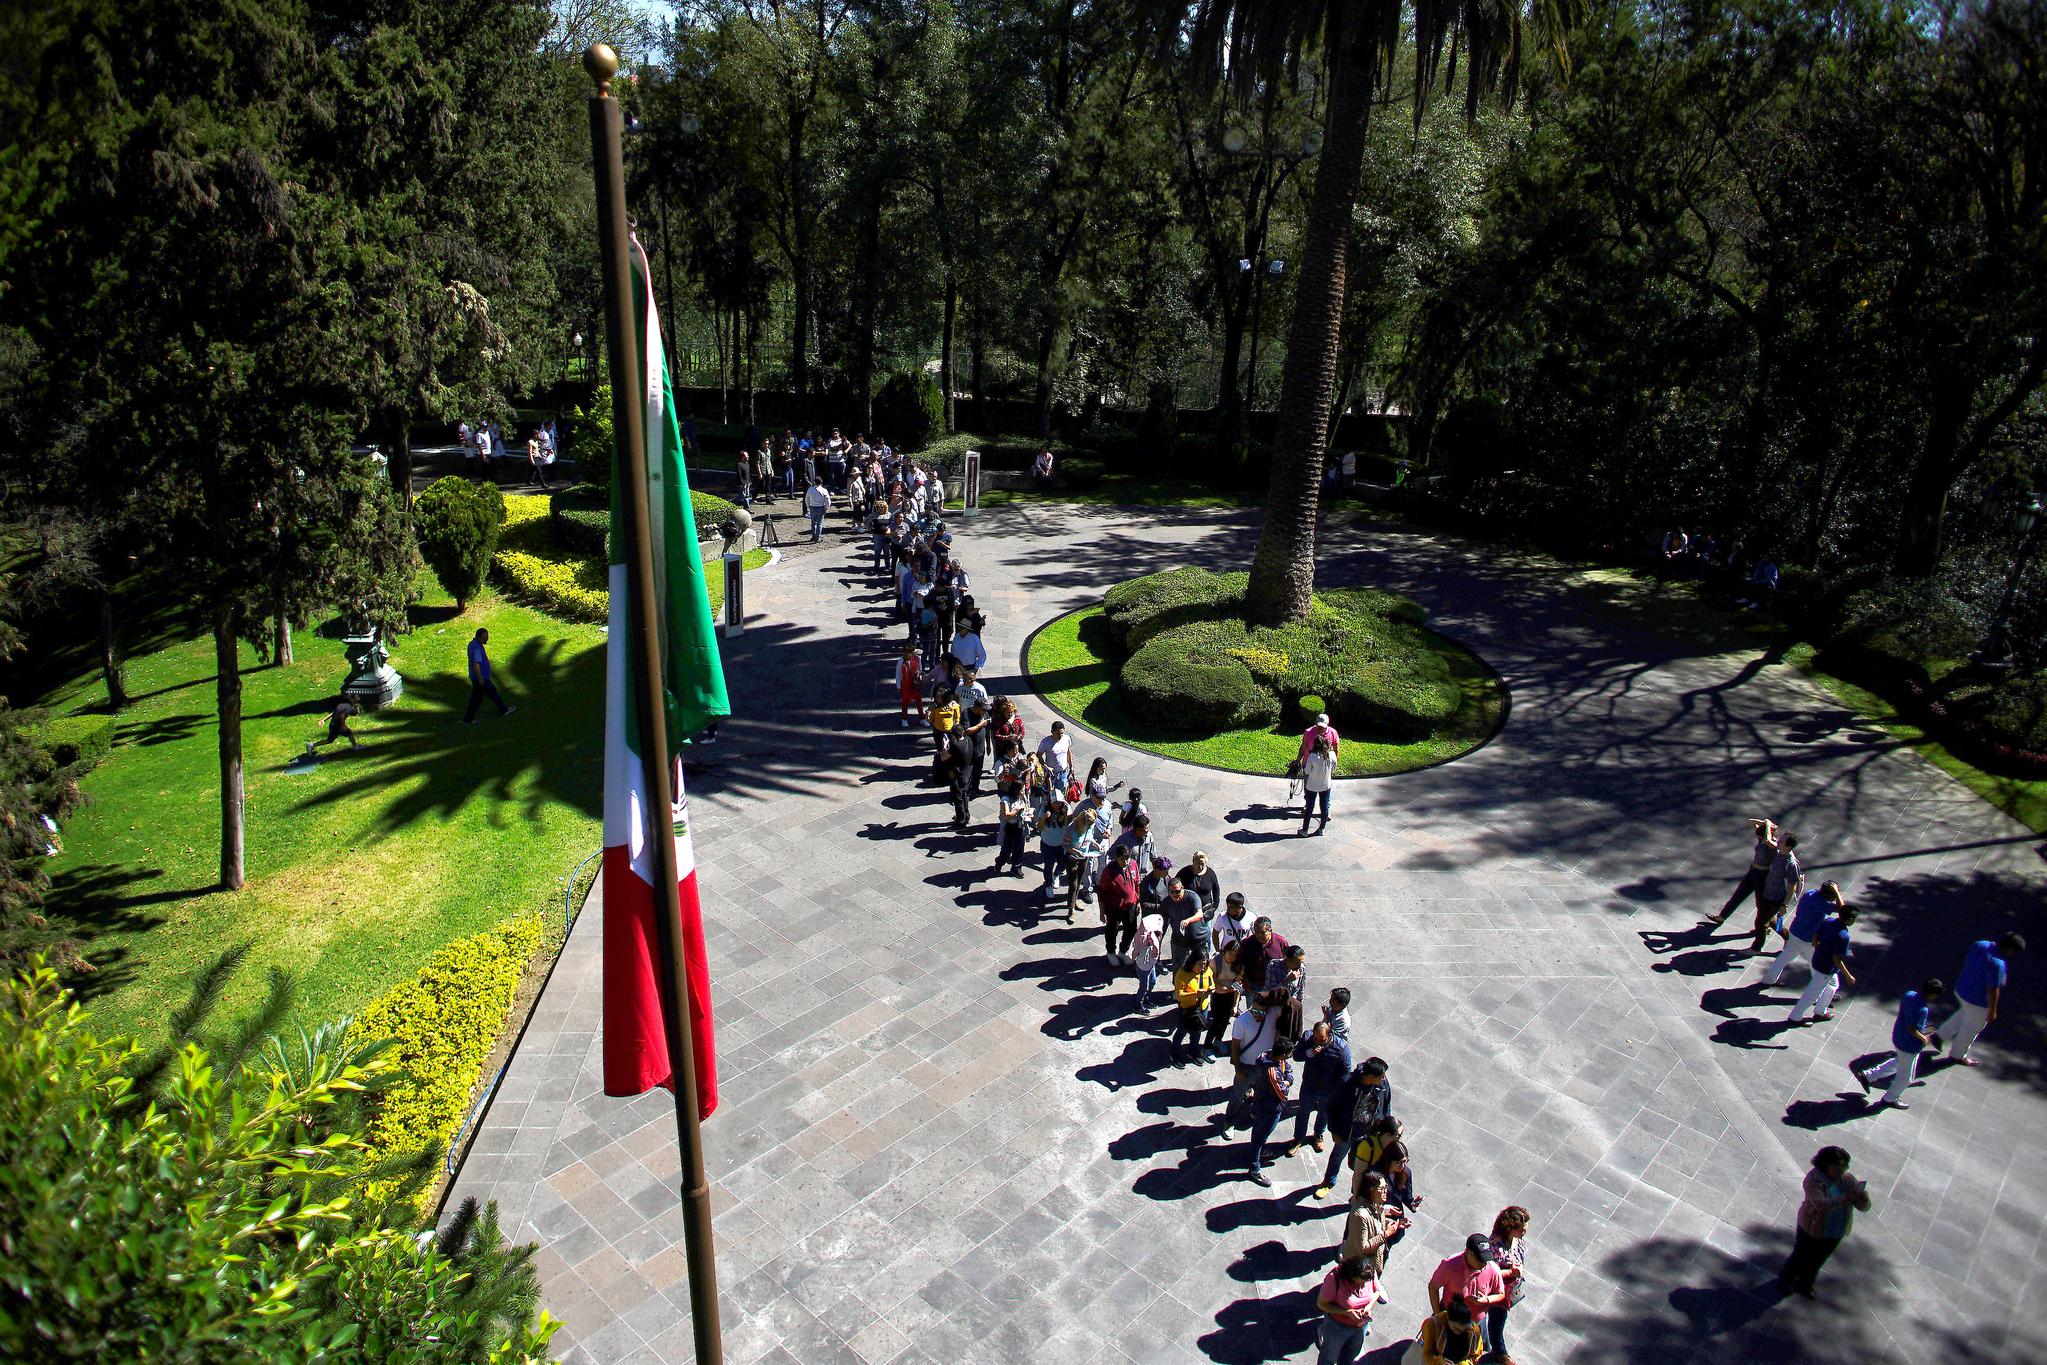 멕시코 대통령궁인 '로스피노스(Los Pinos)를 구경하기 위해 시민들이 줄을 서 있다.[AP=연합뉴스]